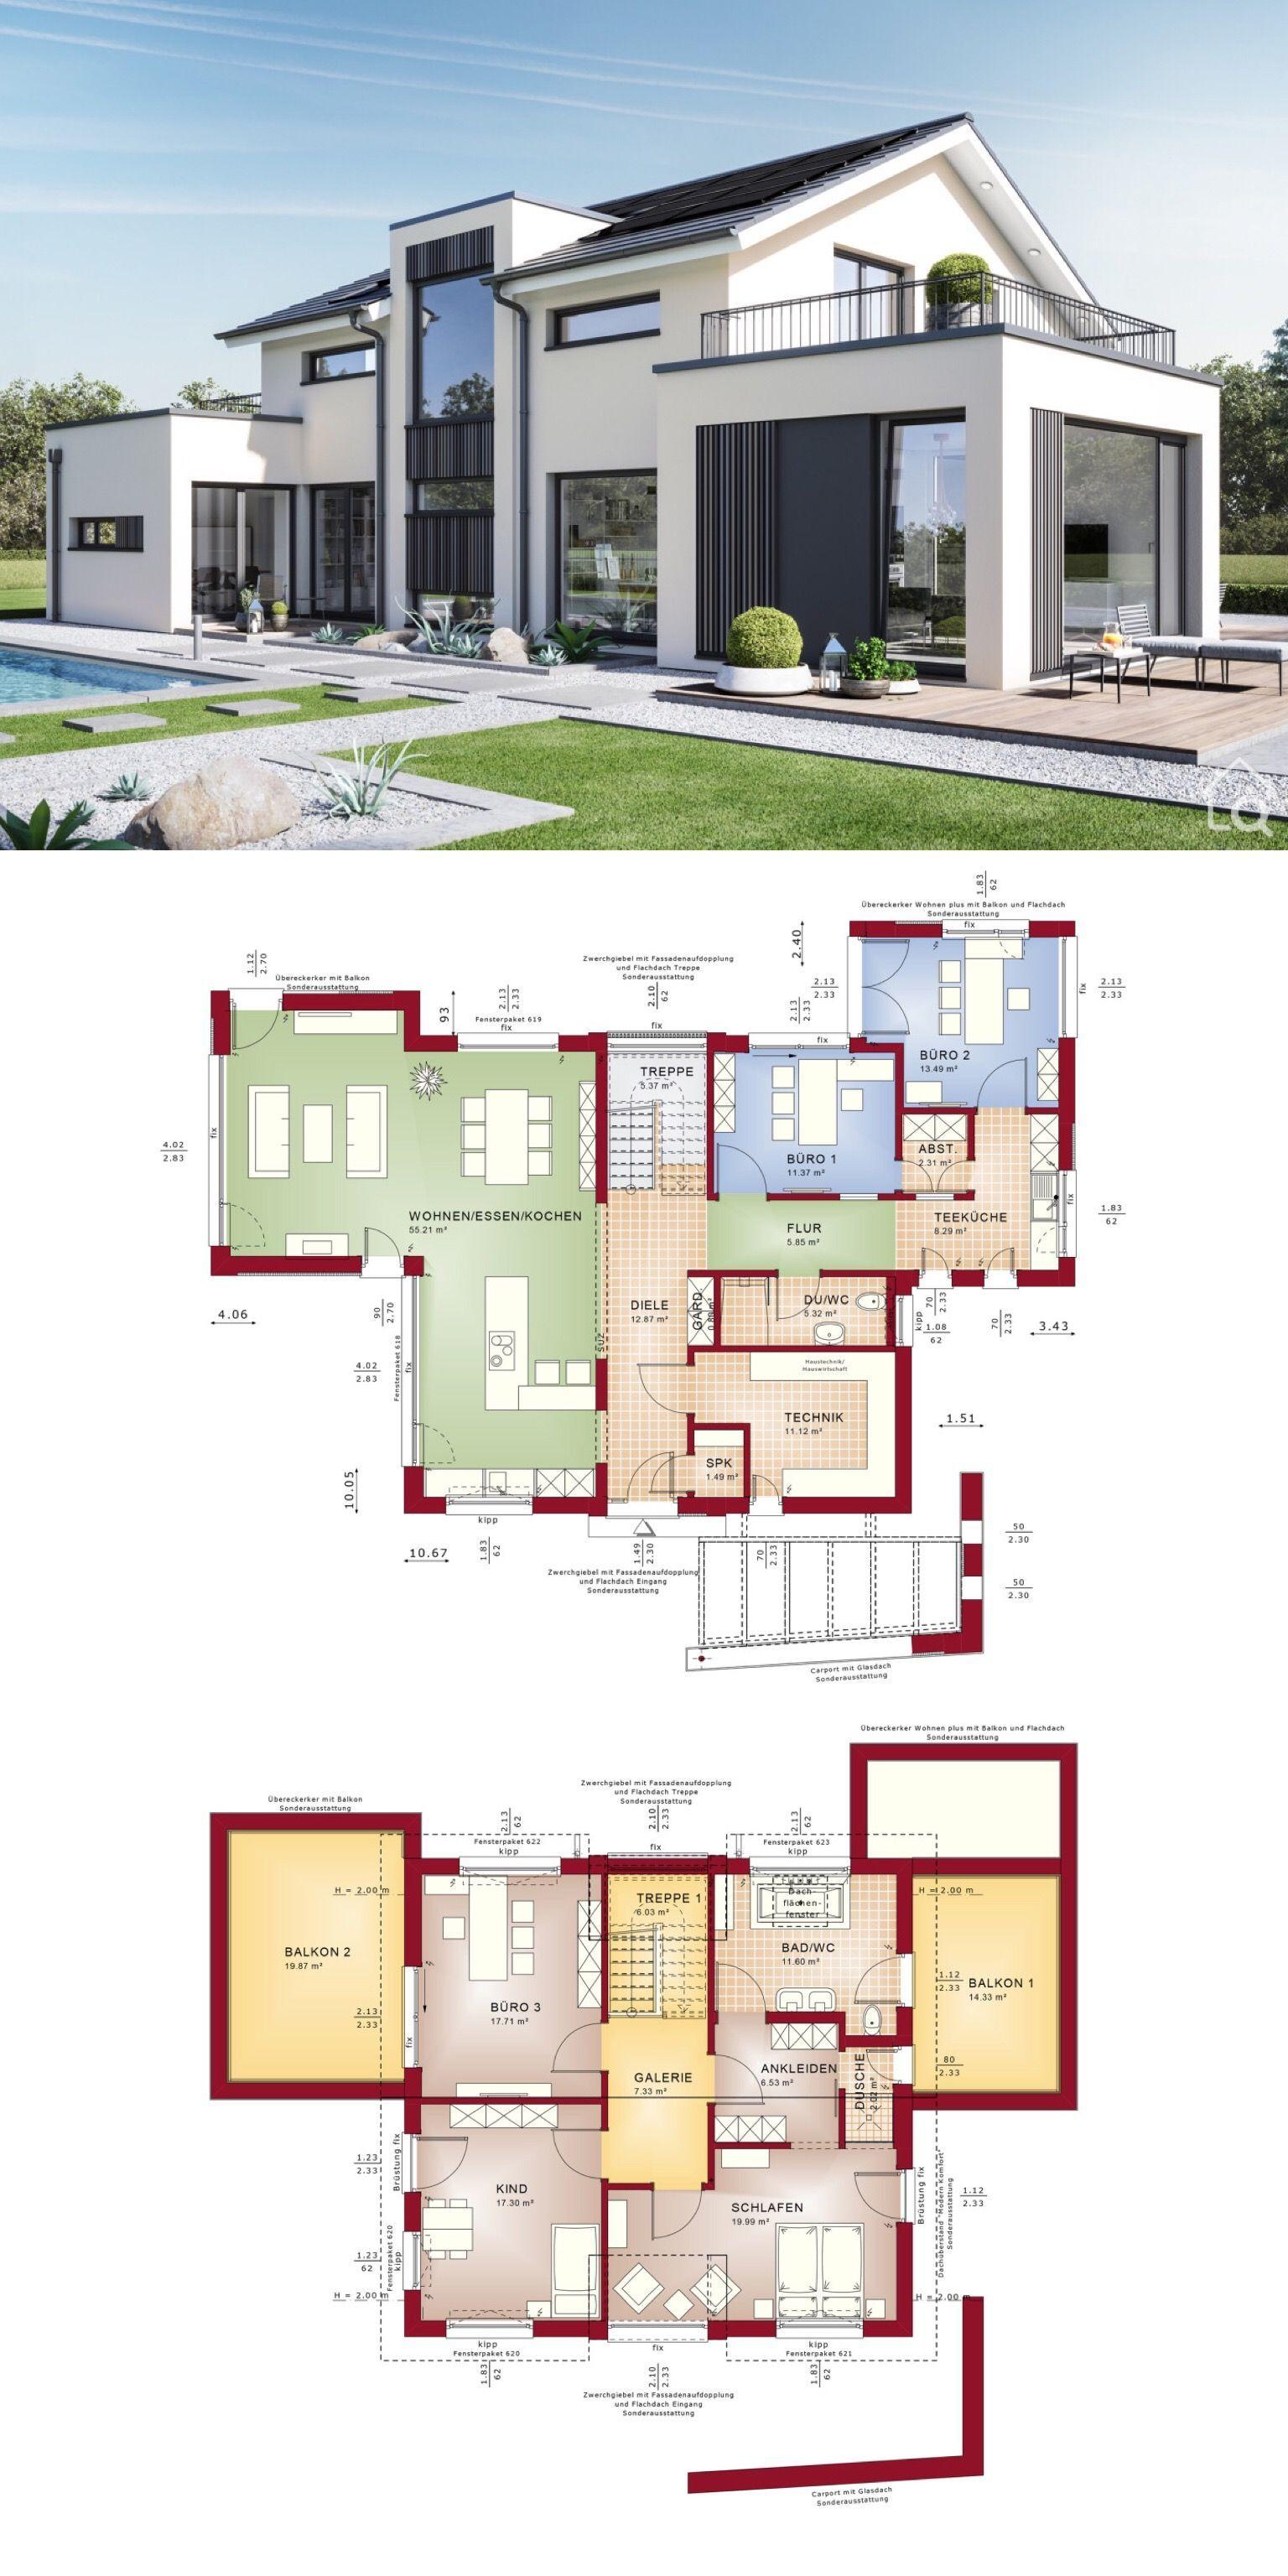 Modernes Satteldach Haus mit 6 Zimmer Grundriss